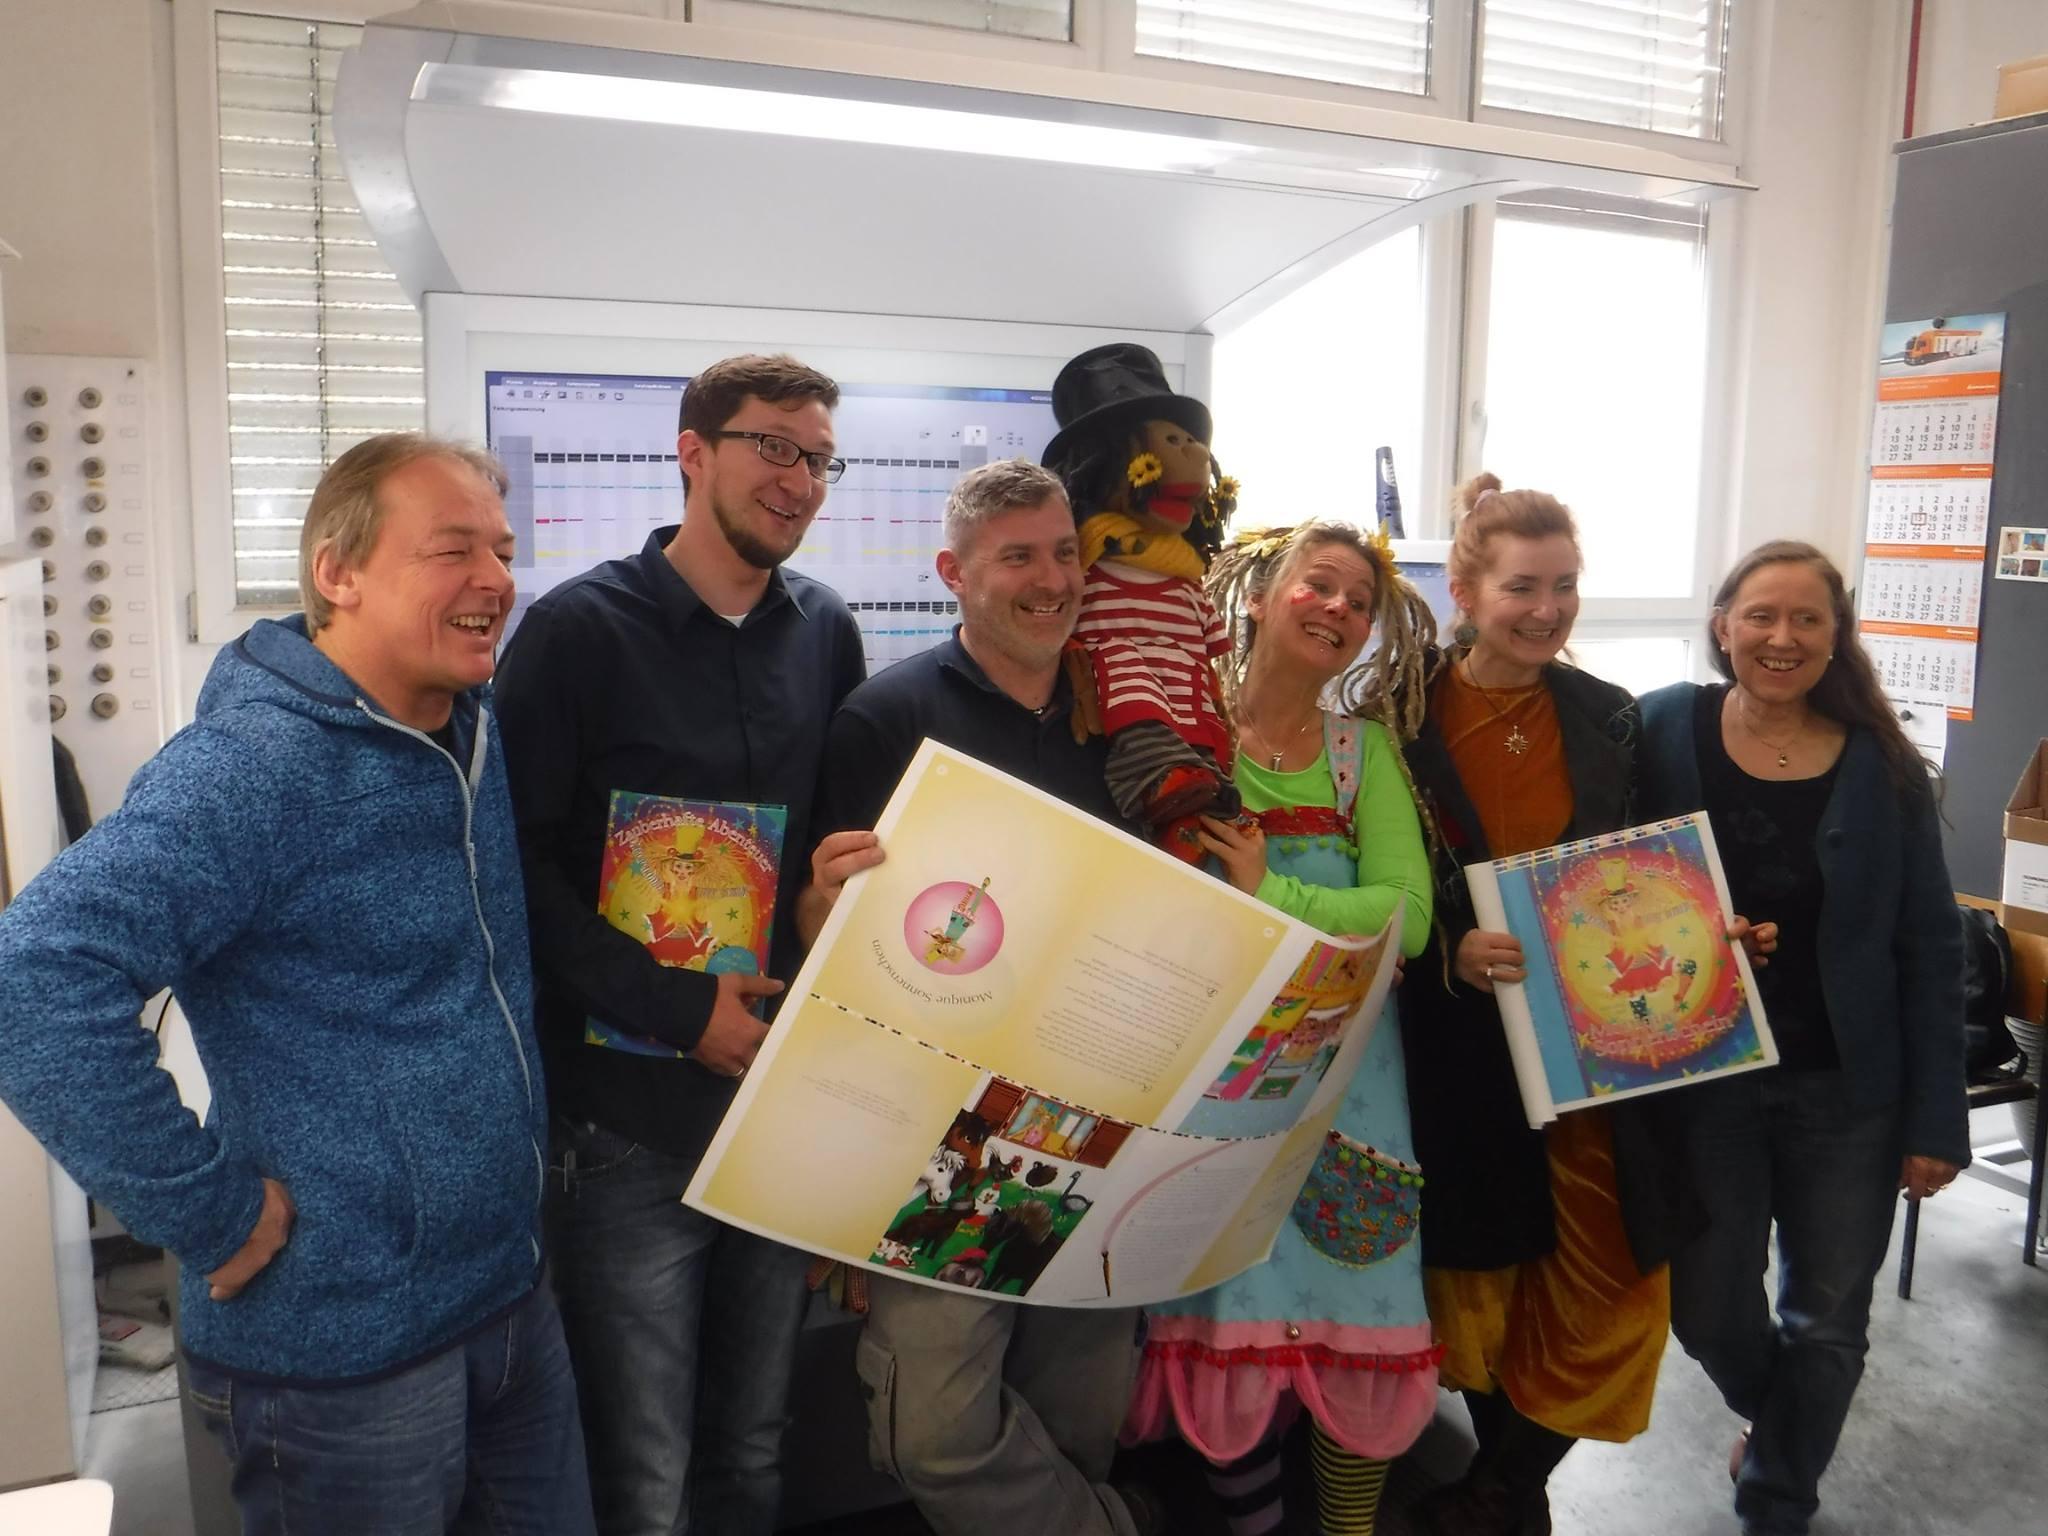 Jun. Chef Jörg Pustet. Mitarbeiter, Violetti Spaghetti, ich, Nana (die Illustratorin), Dorothea (die Lektorin)